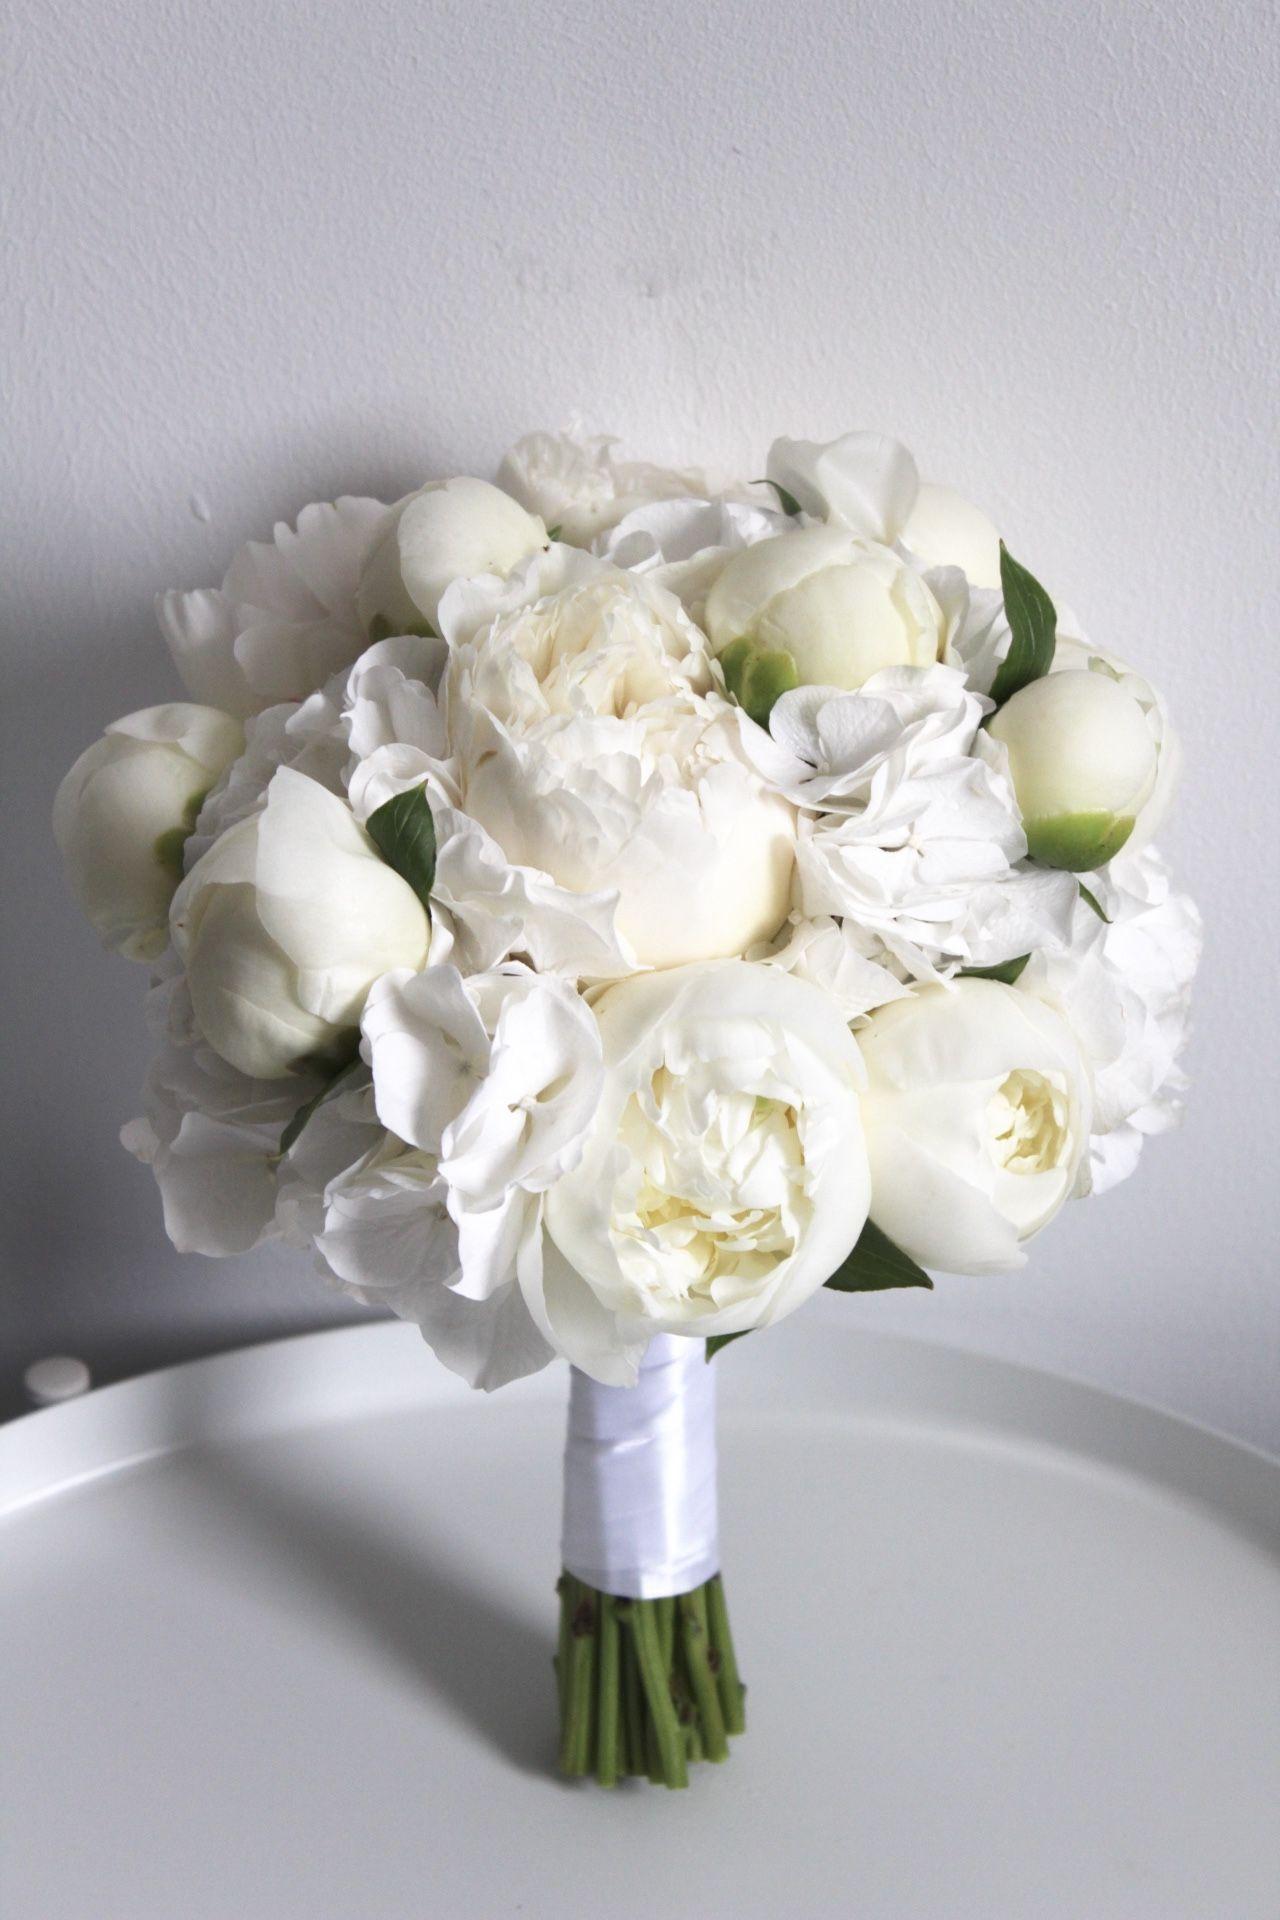 Standesamt-Brautstrauß in Weiß